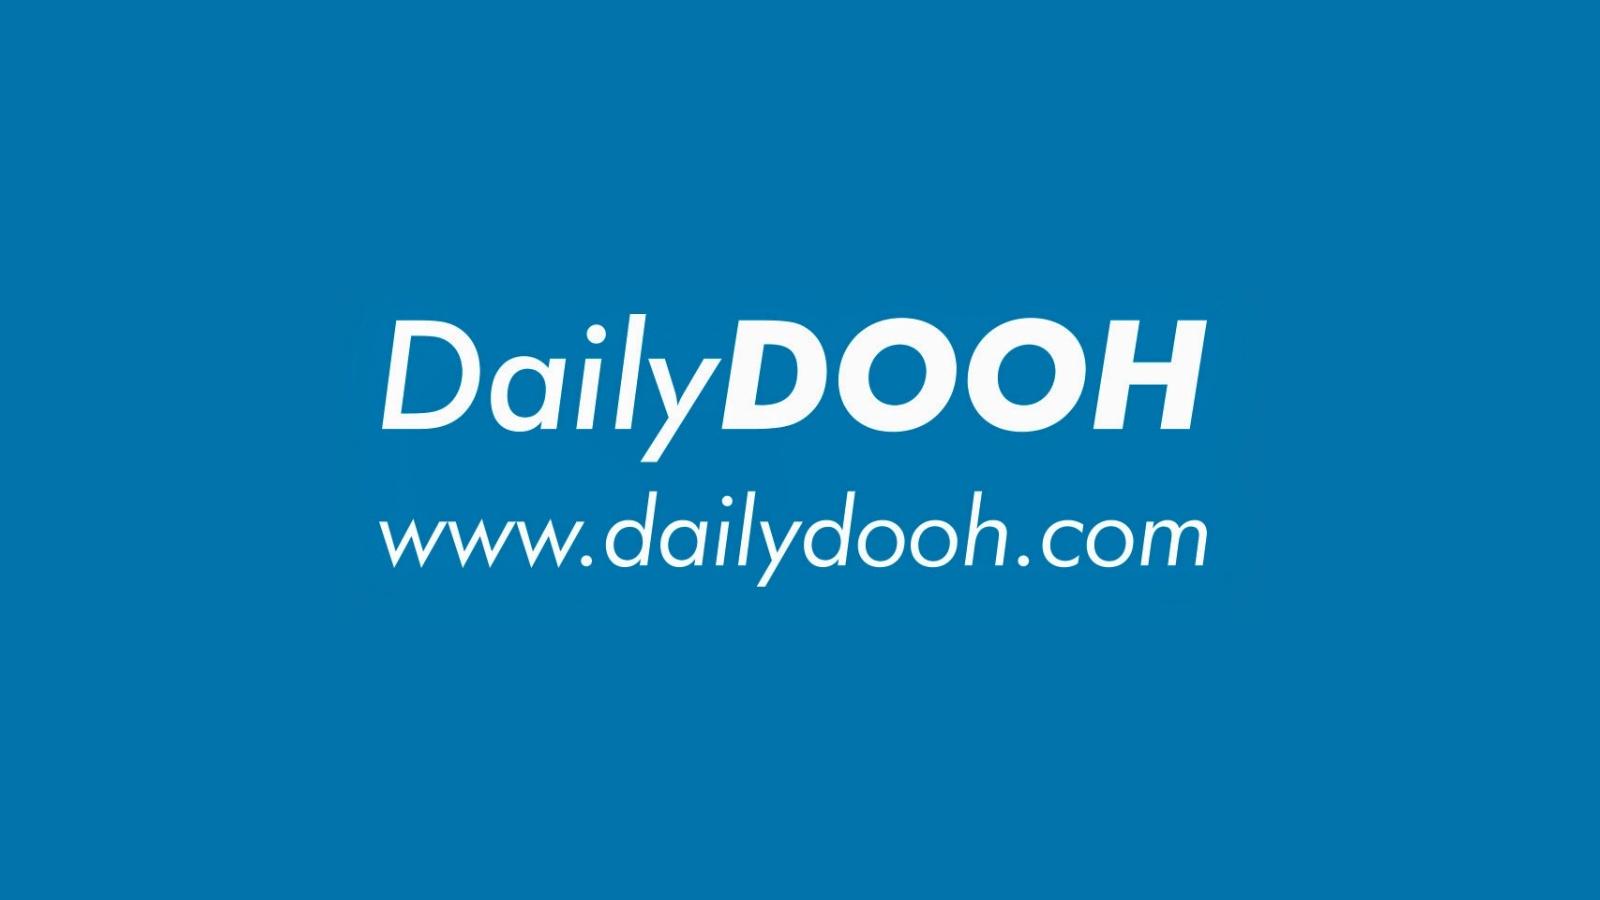 daily-dooh-logo